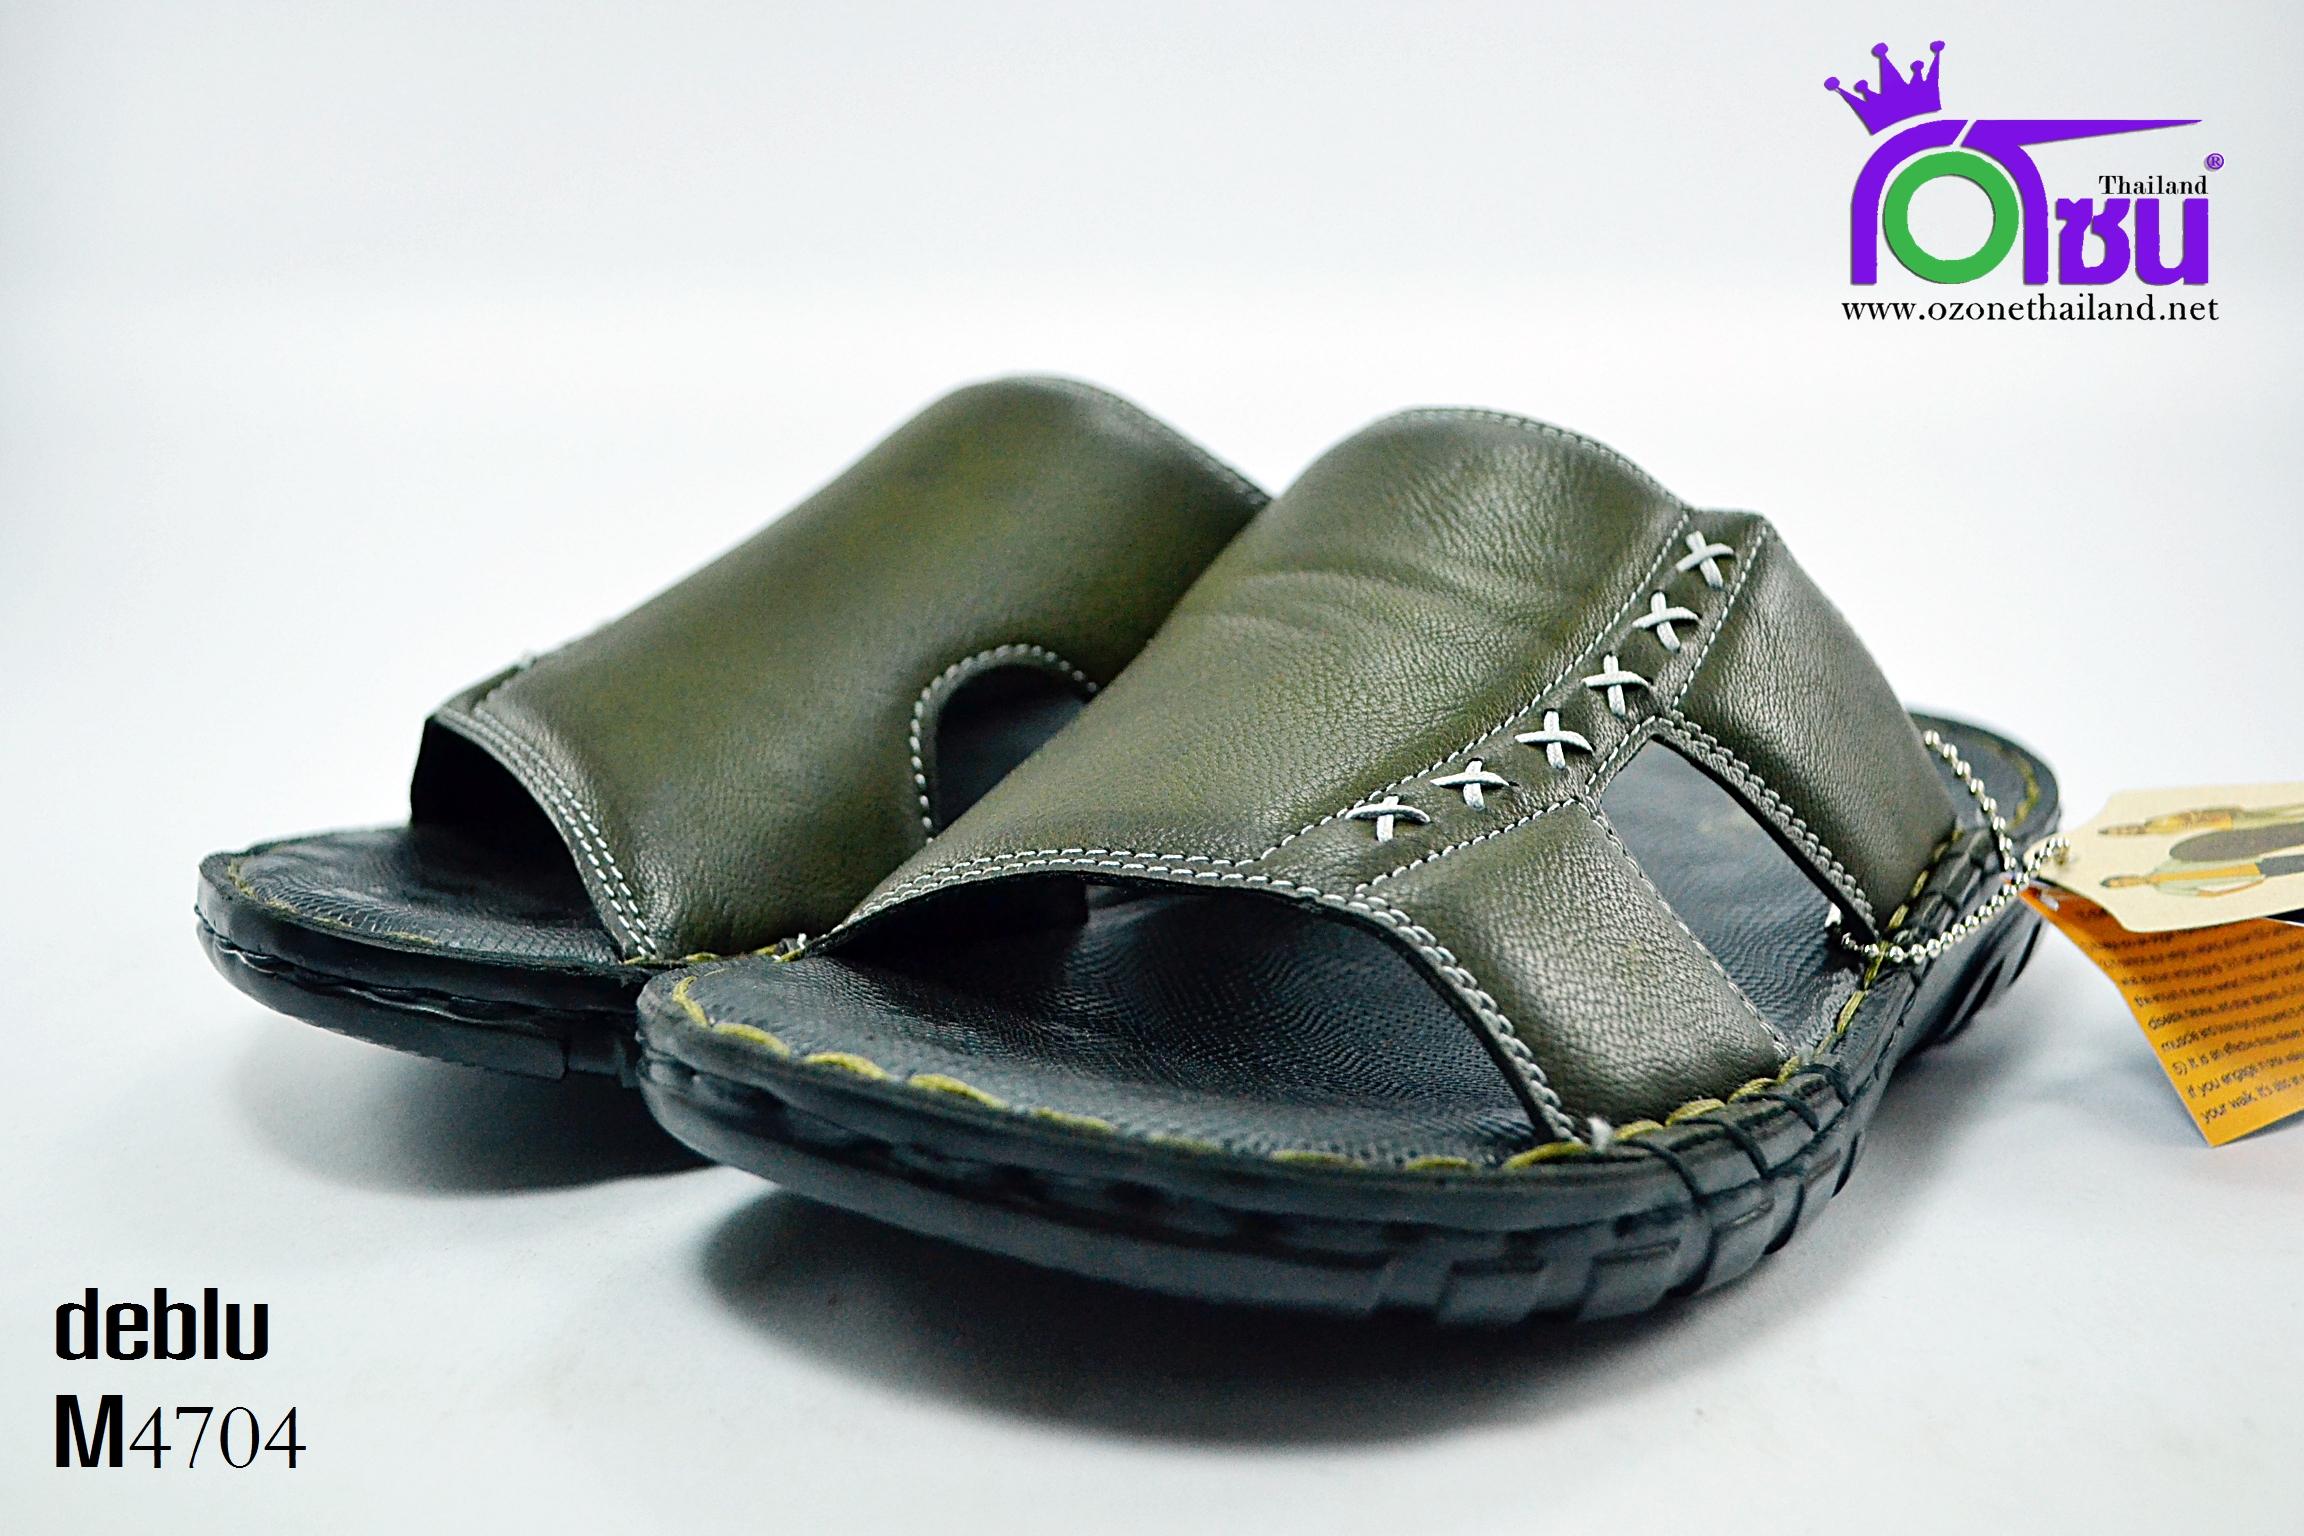 รองเท้า เดอบลู deblu รุ่น M4704 สีเขียวขี้ม้า เบอร์ 39-44